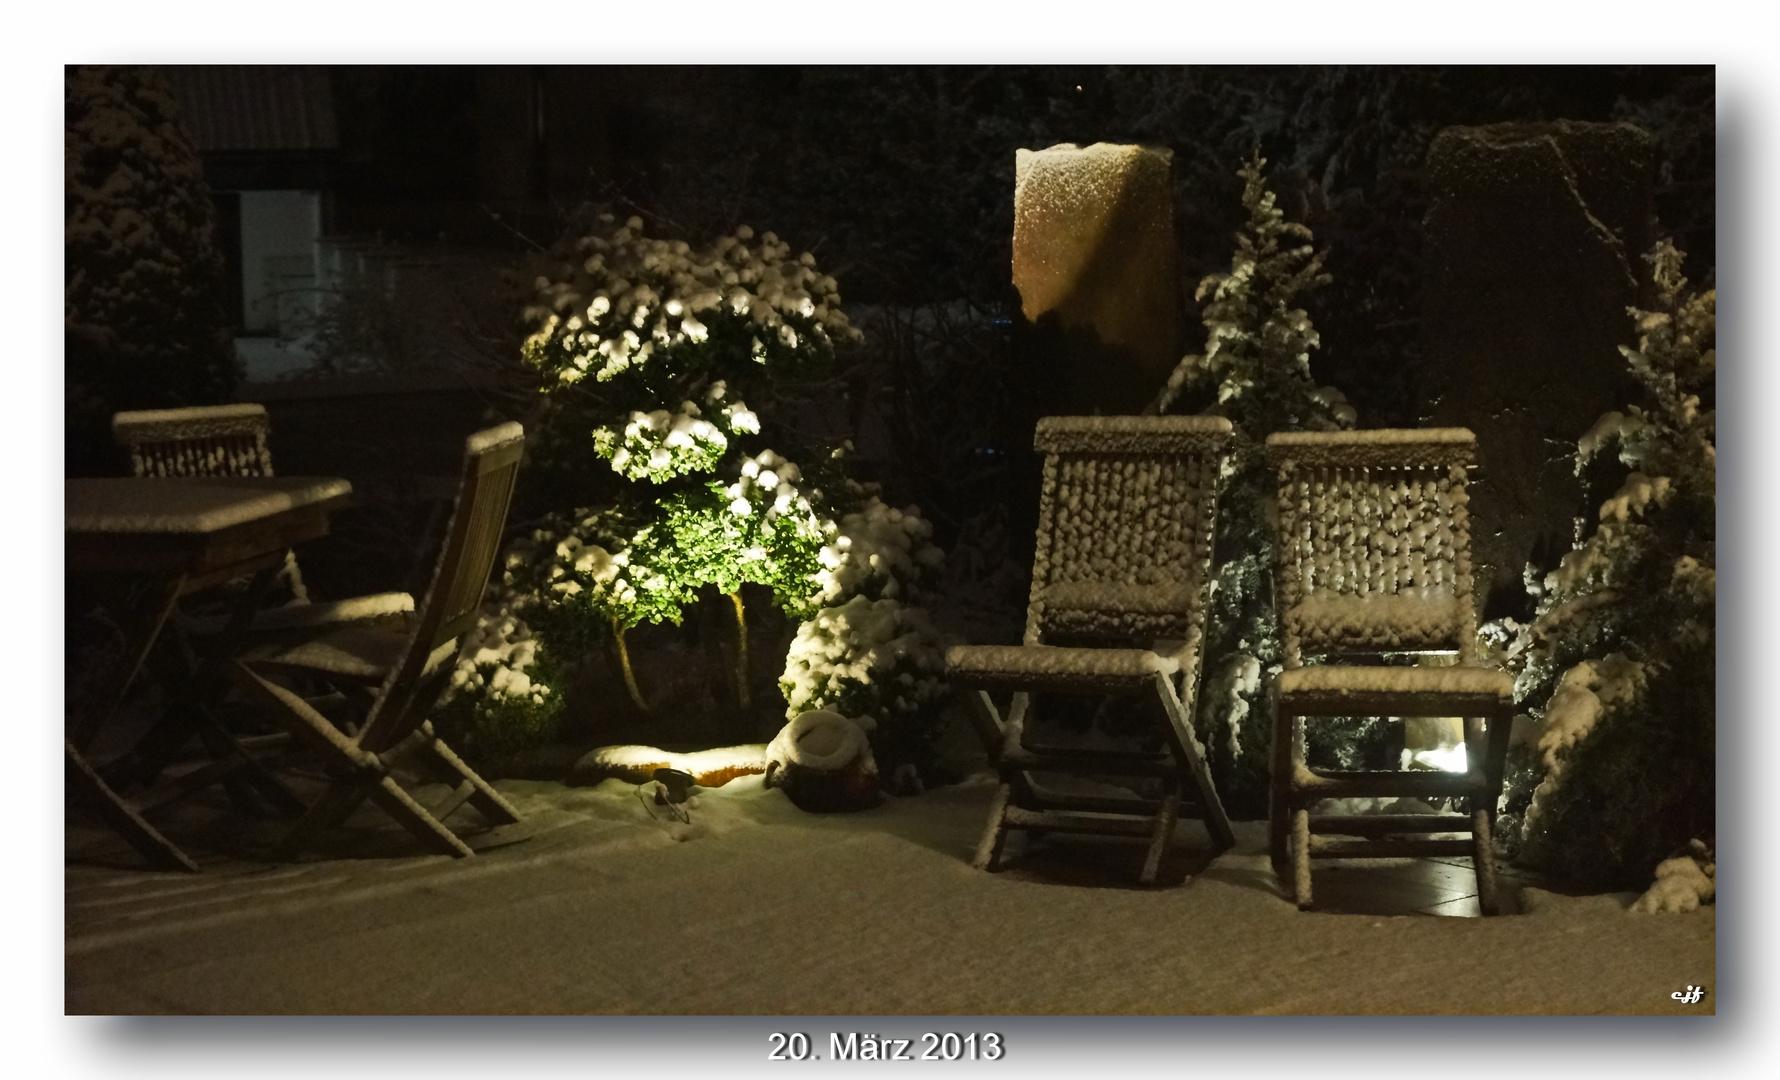 Der letzte Abend vor Frühlingsanfang